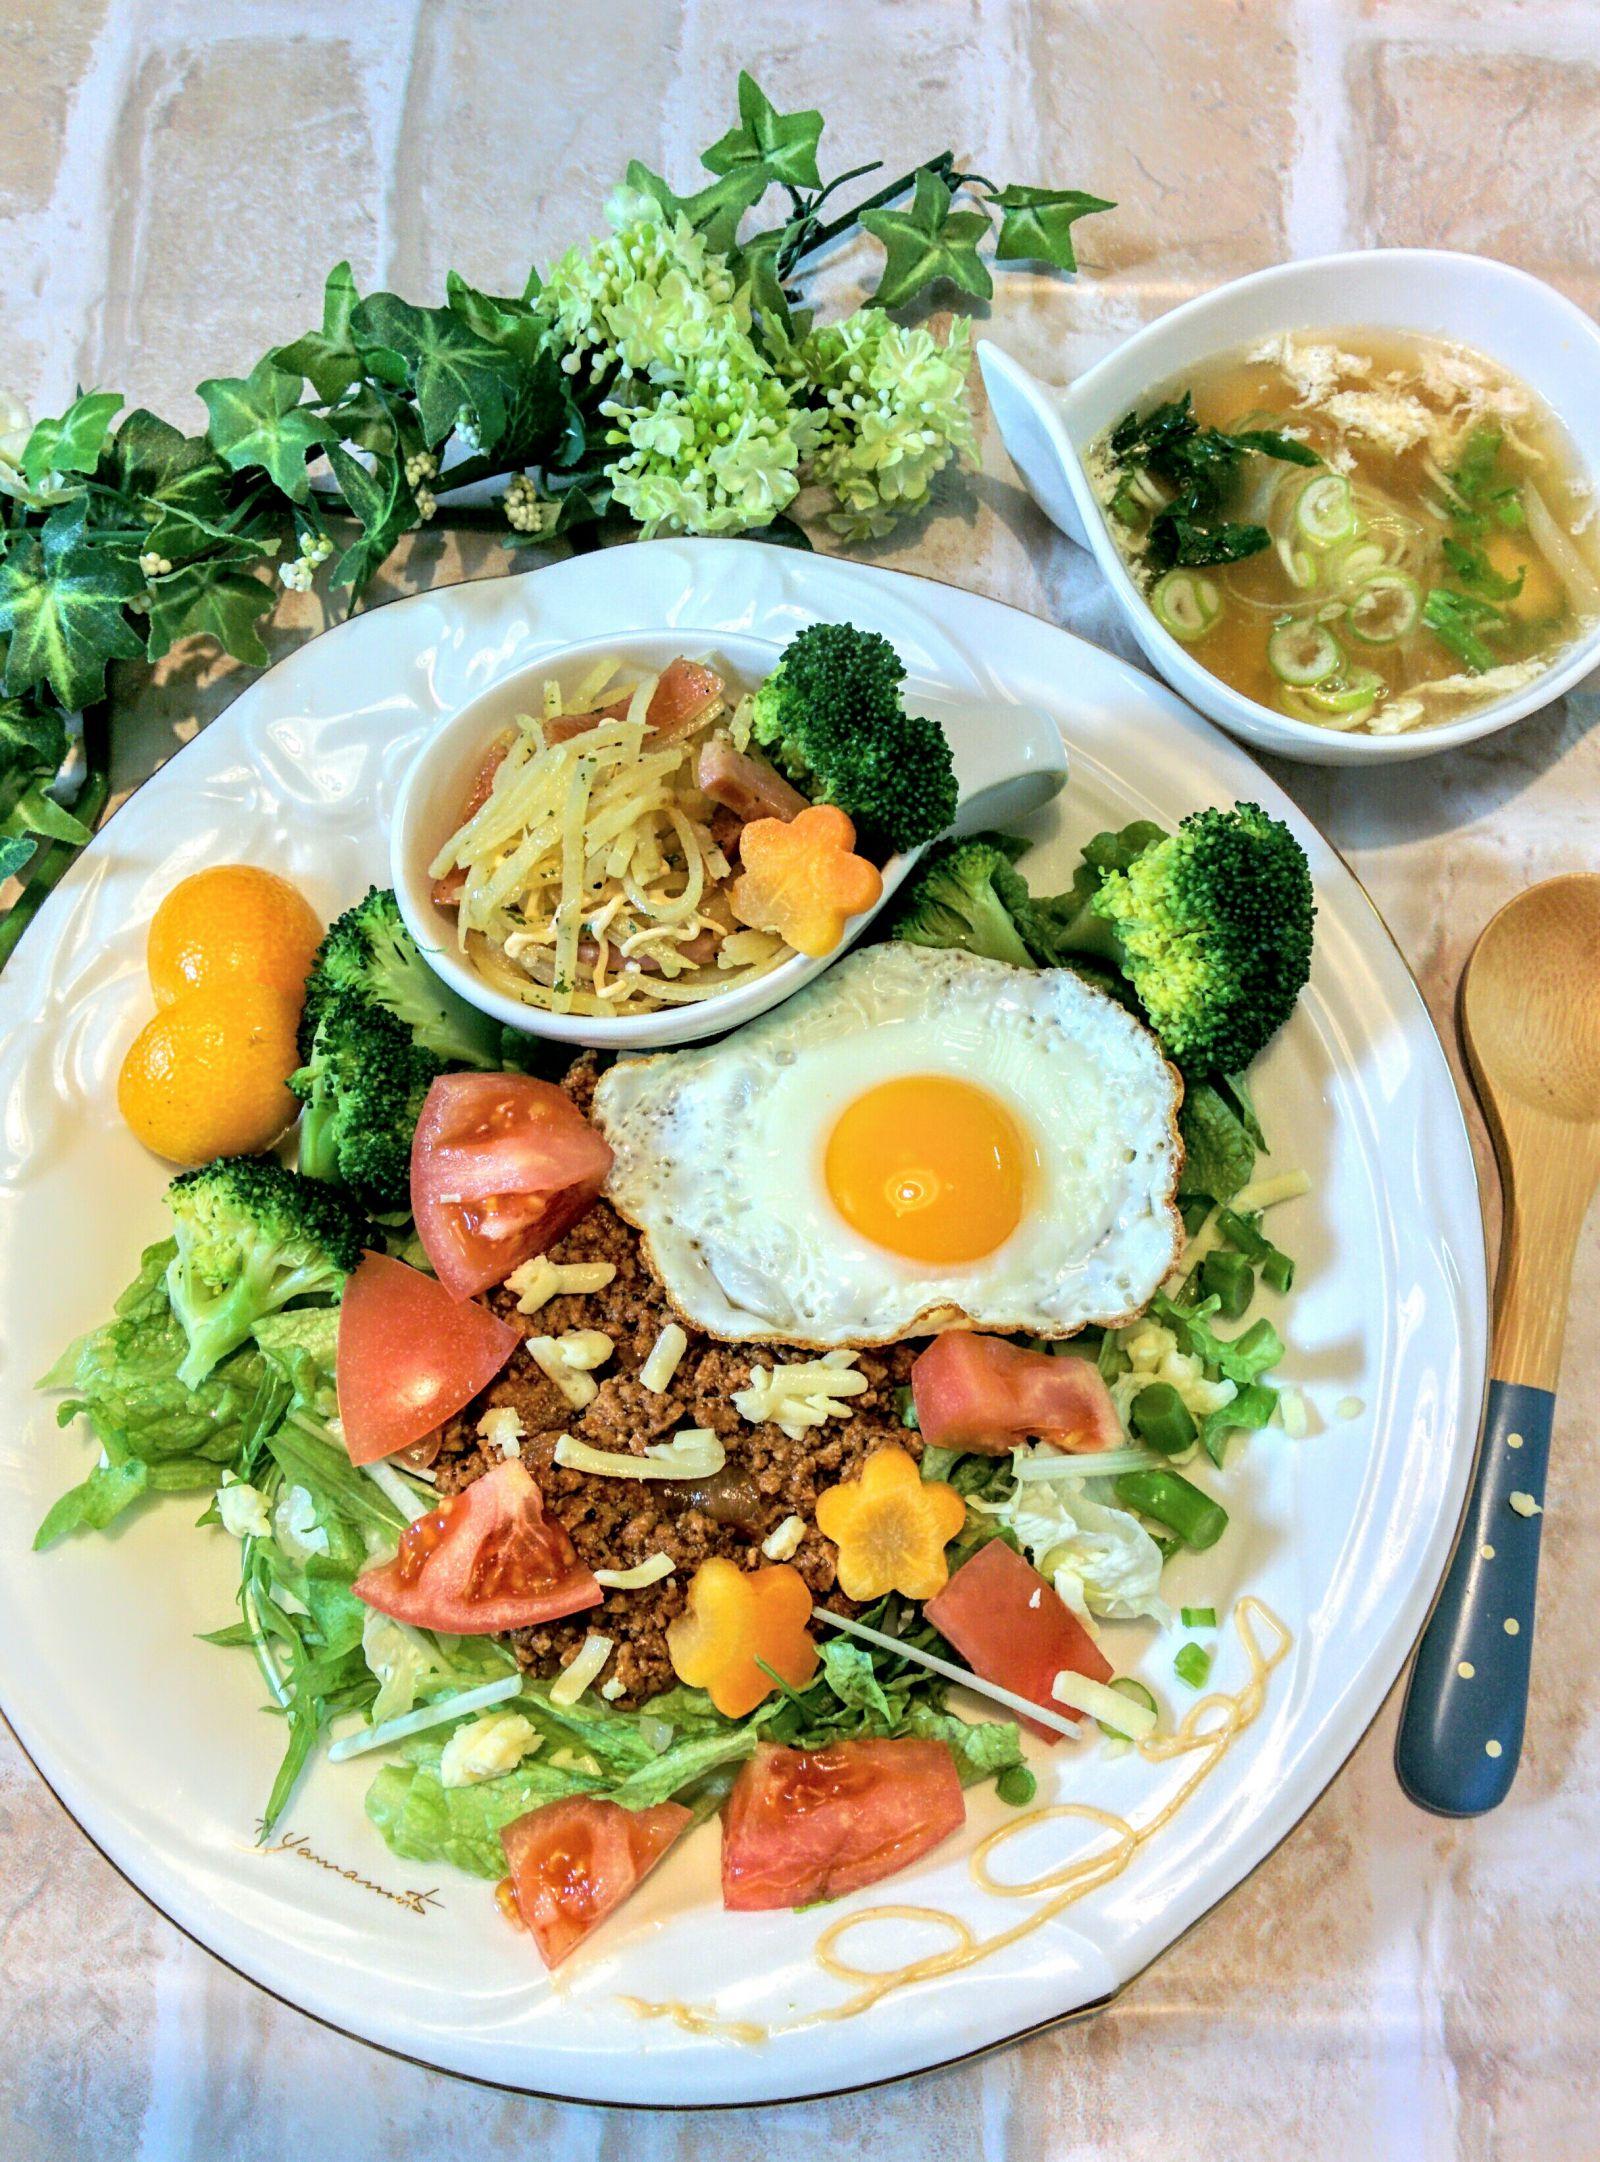 【小樽】沖縄料理・タコライスグルメ案内です。